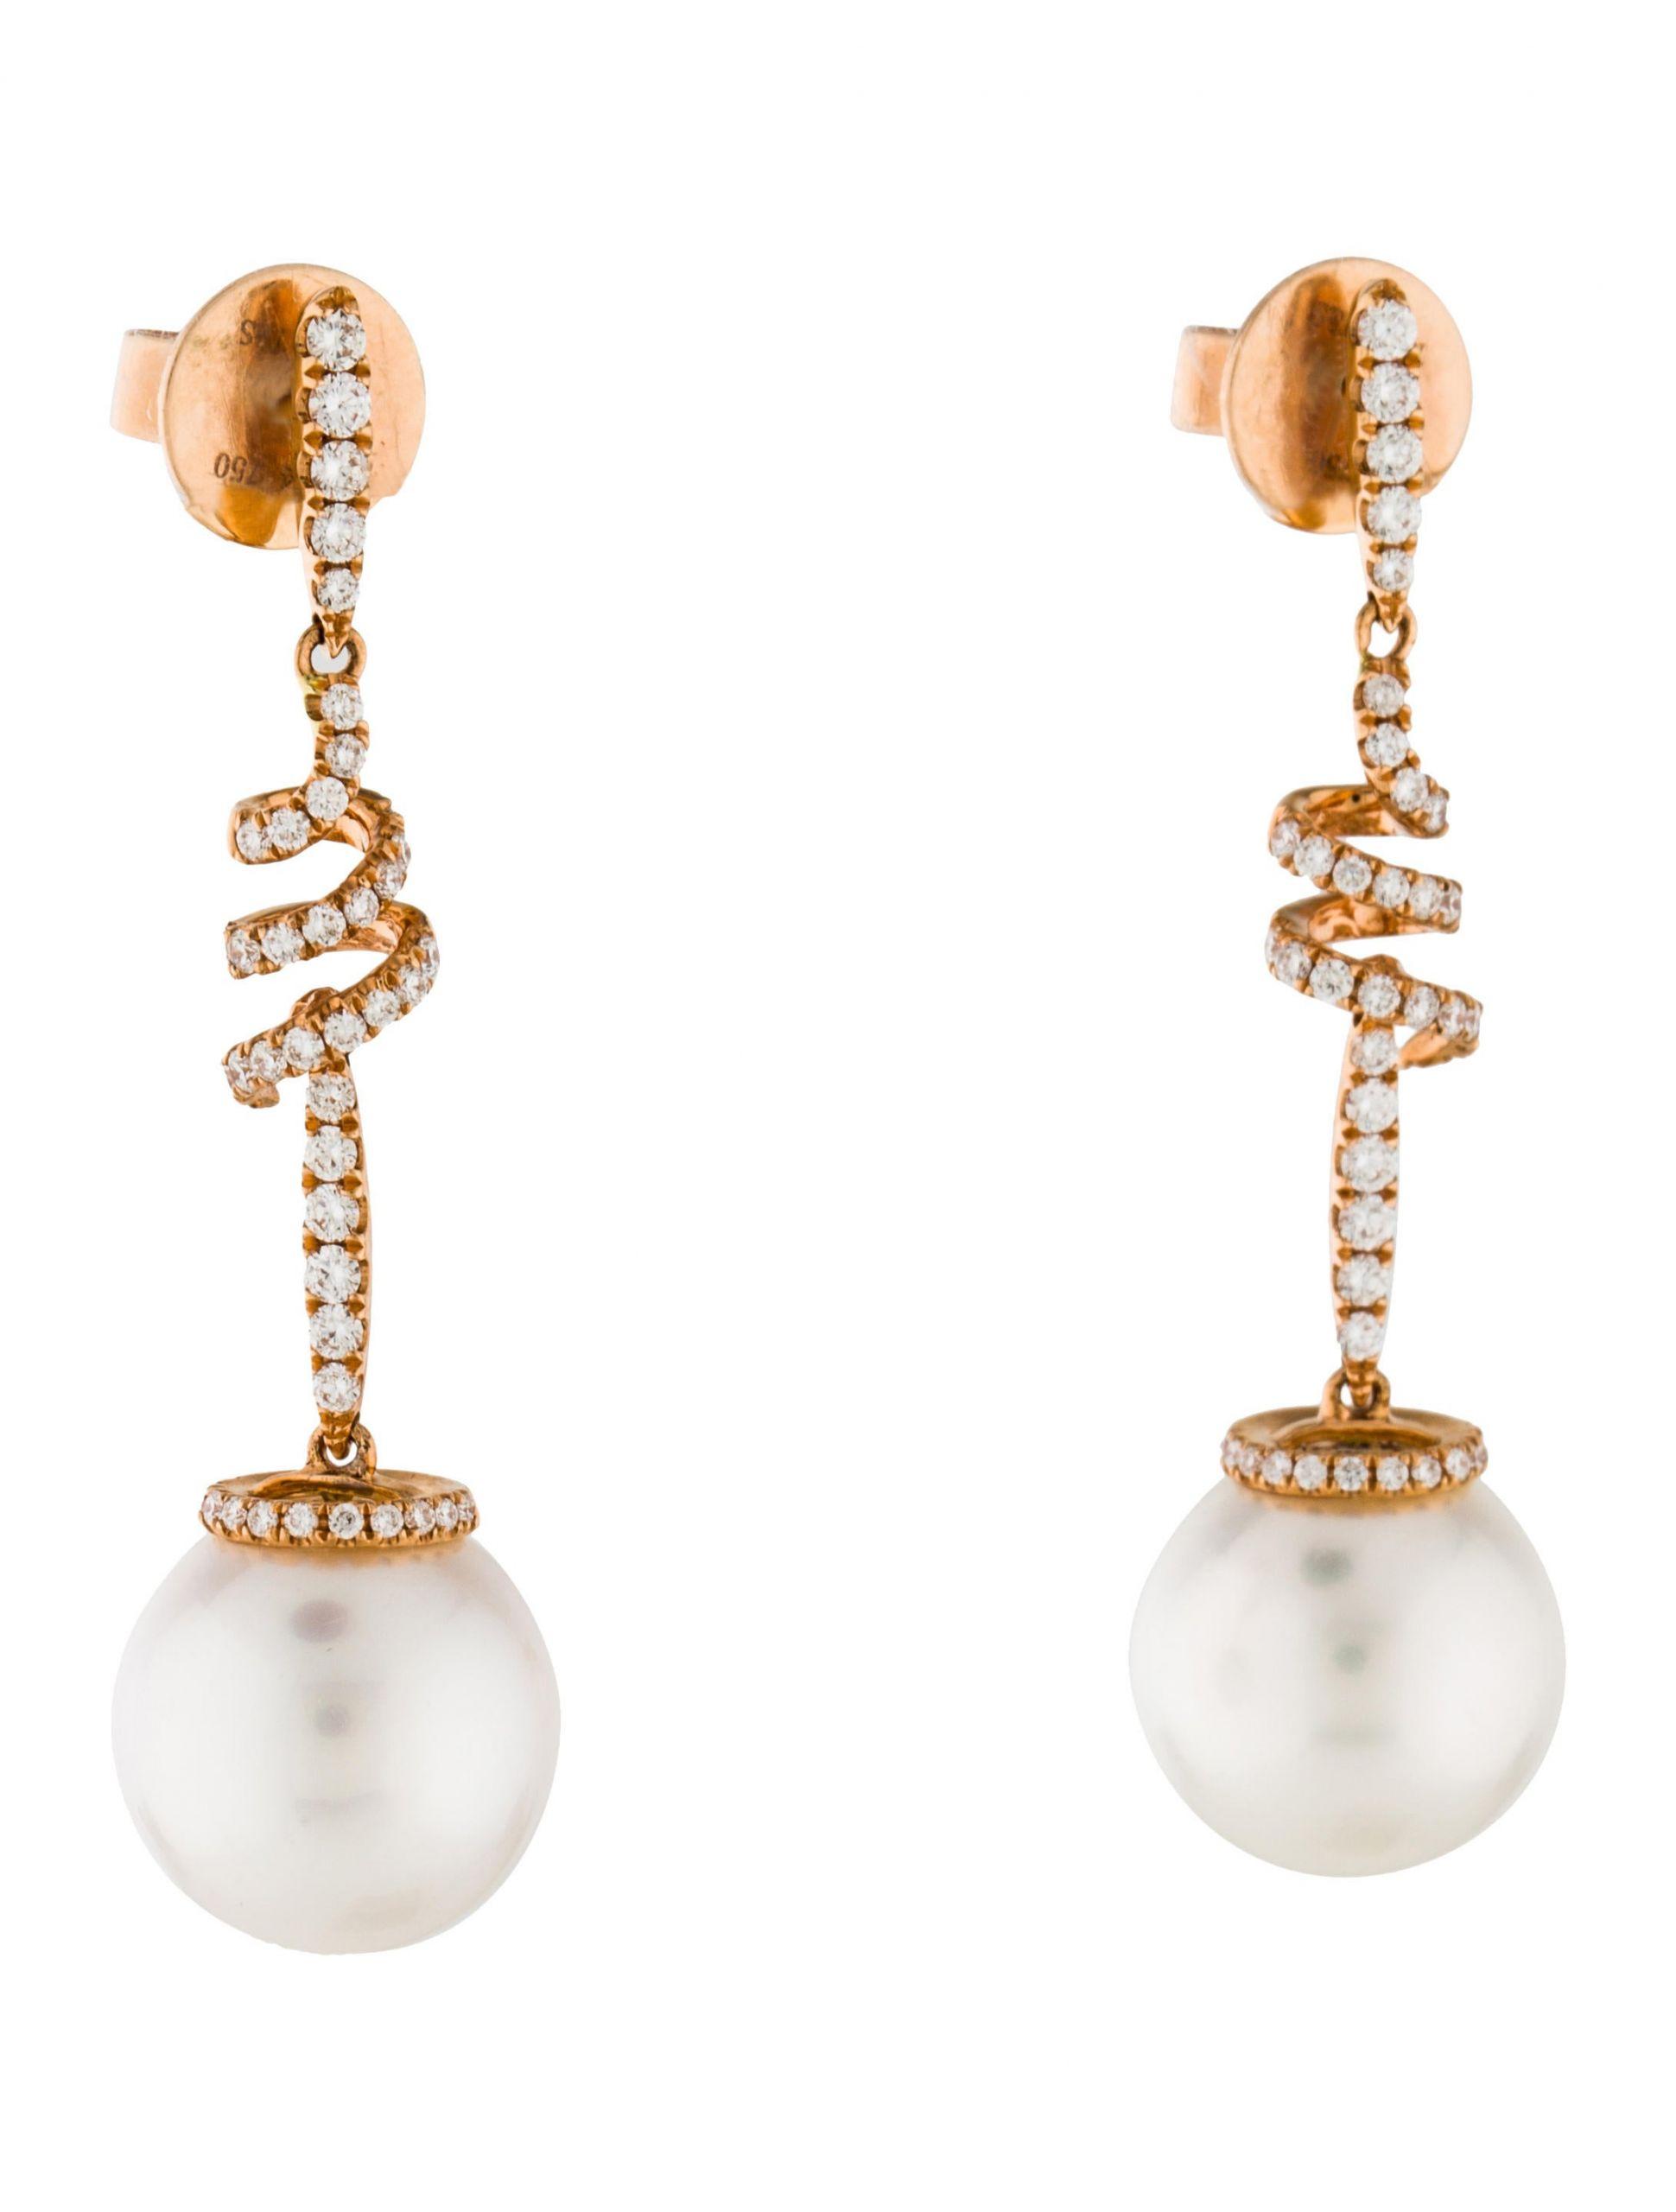 Pearl Drop Earrings  Tara Pearls 18K Diamond & Pearl Drop Earrings Earrings